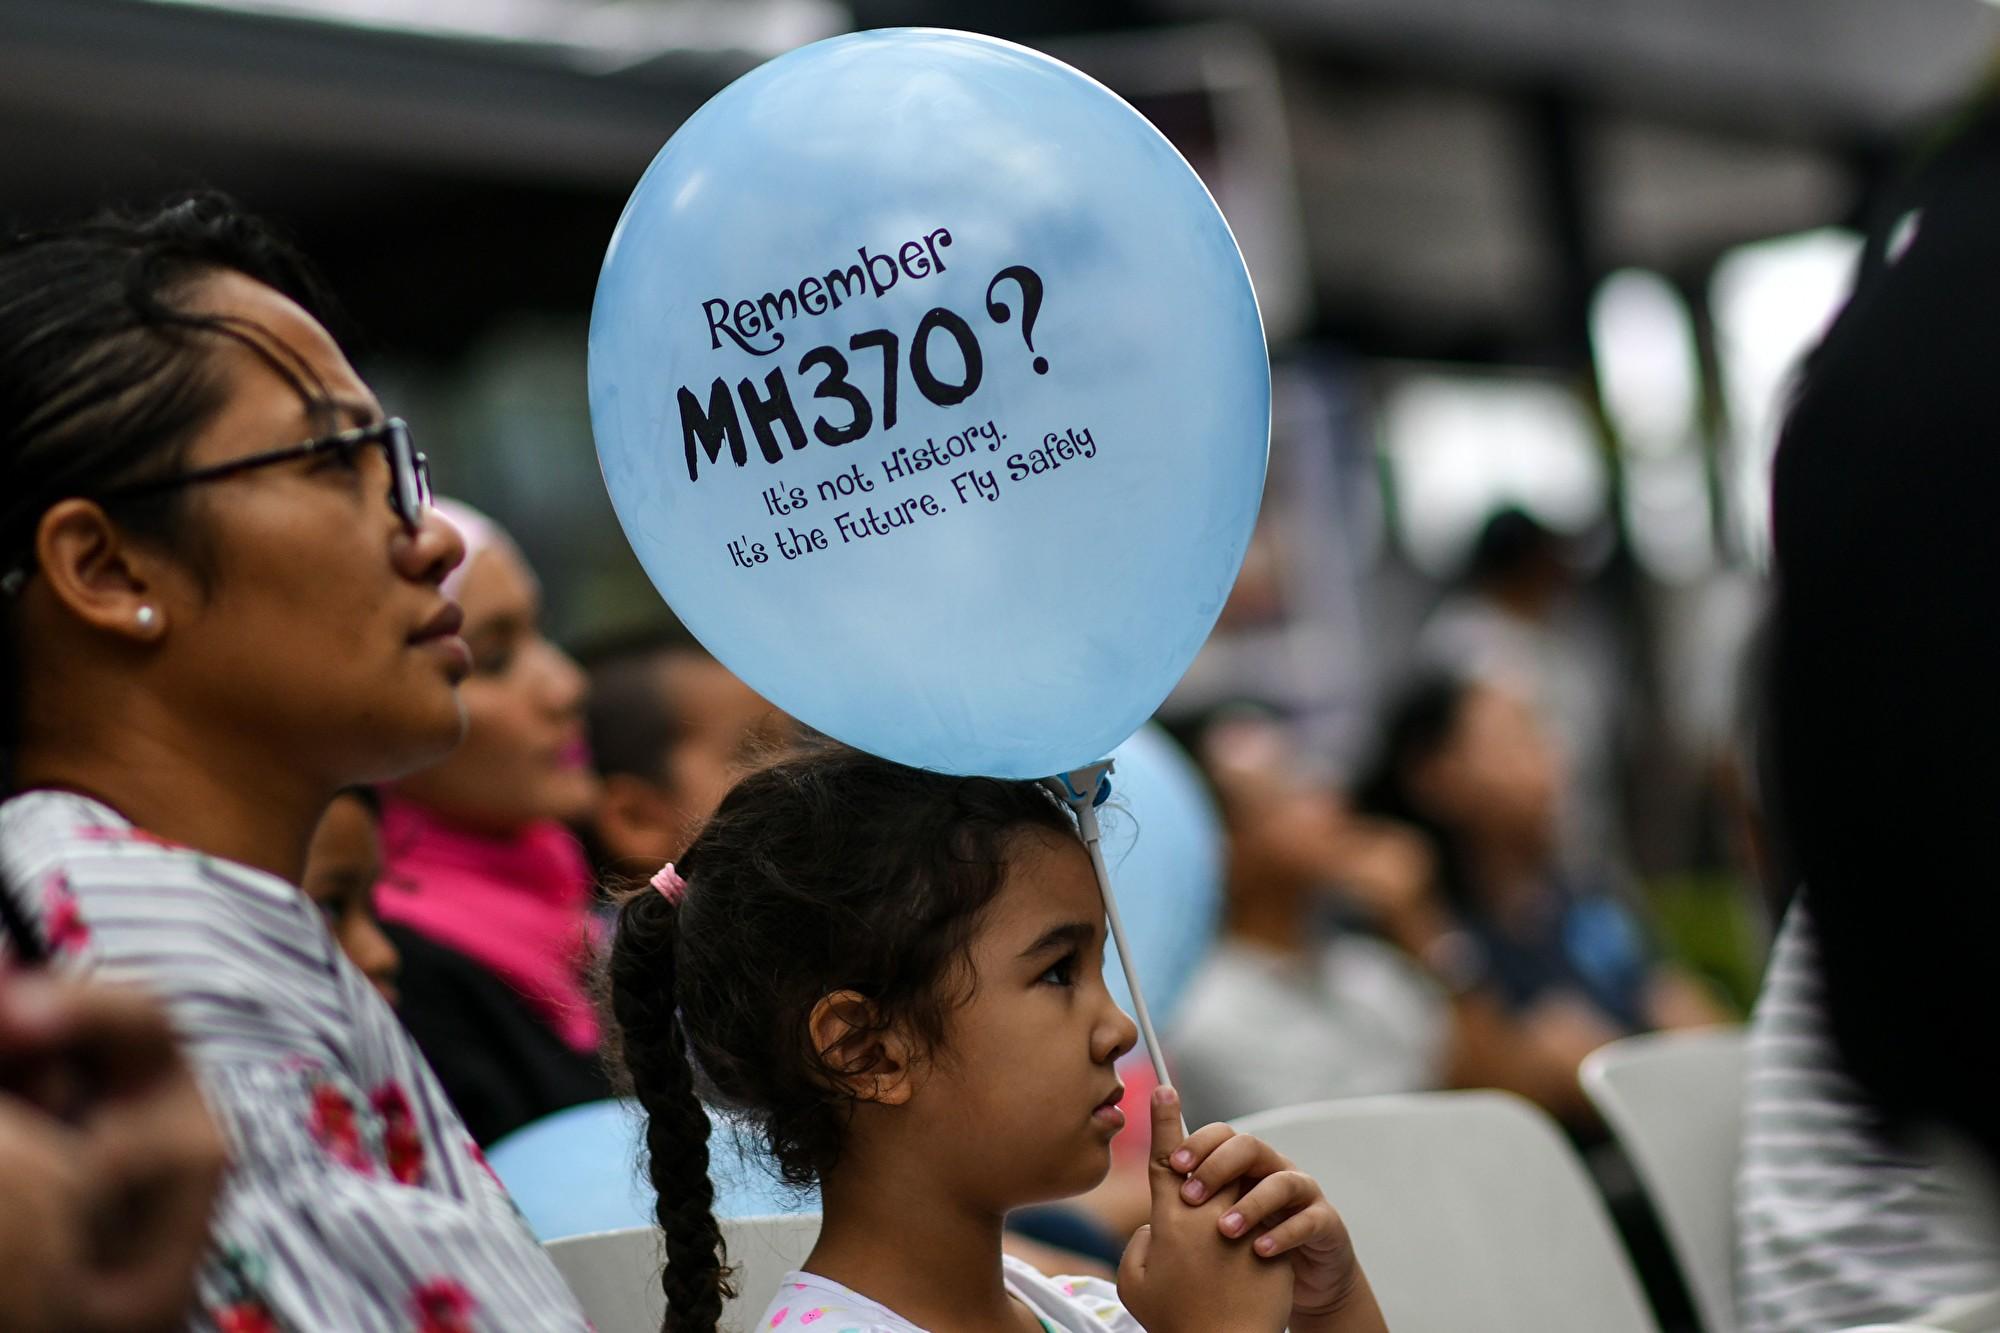 馬航MH370墜海前 全機乘客或已缺氧死亡